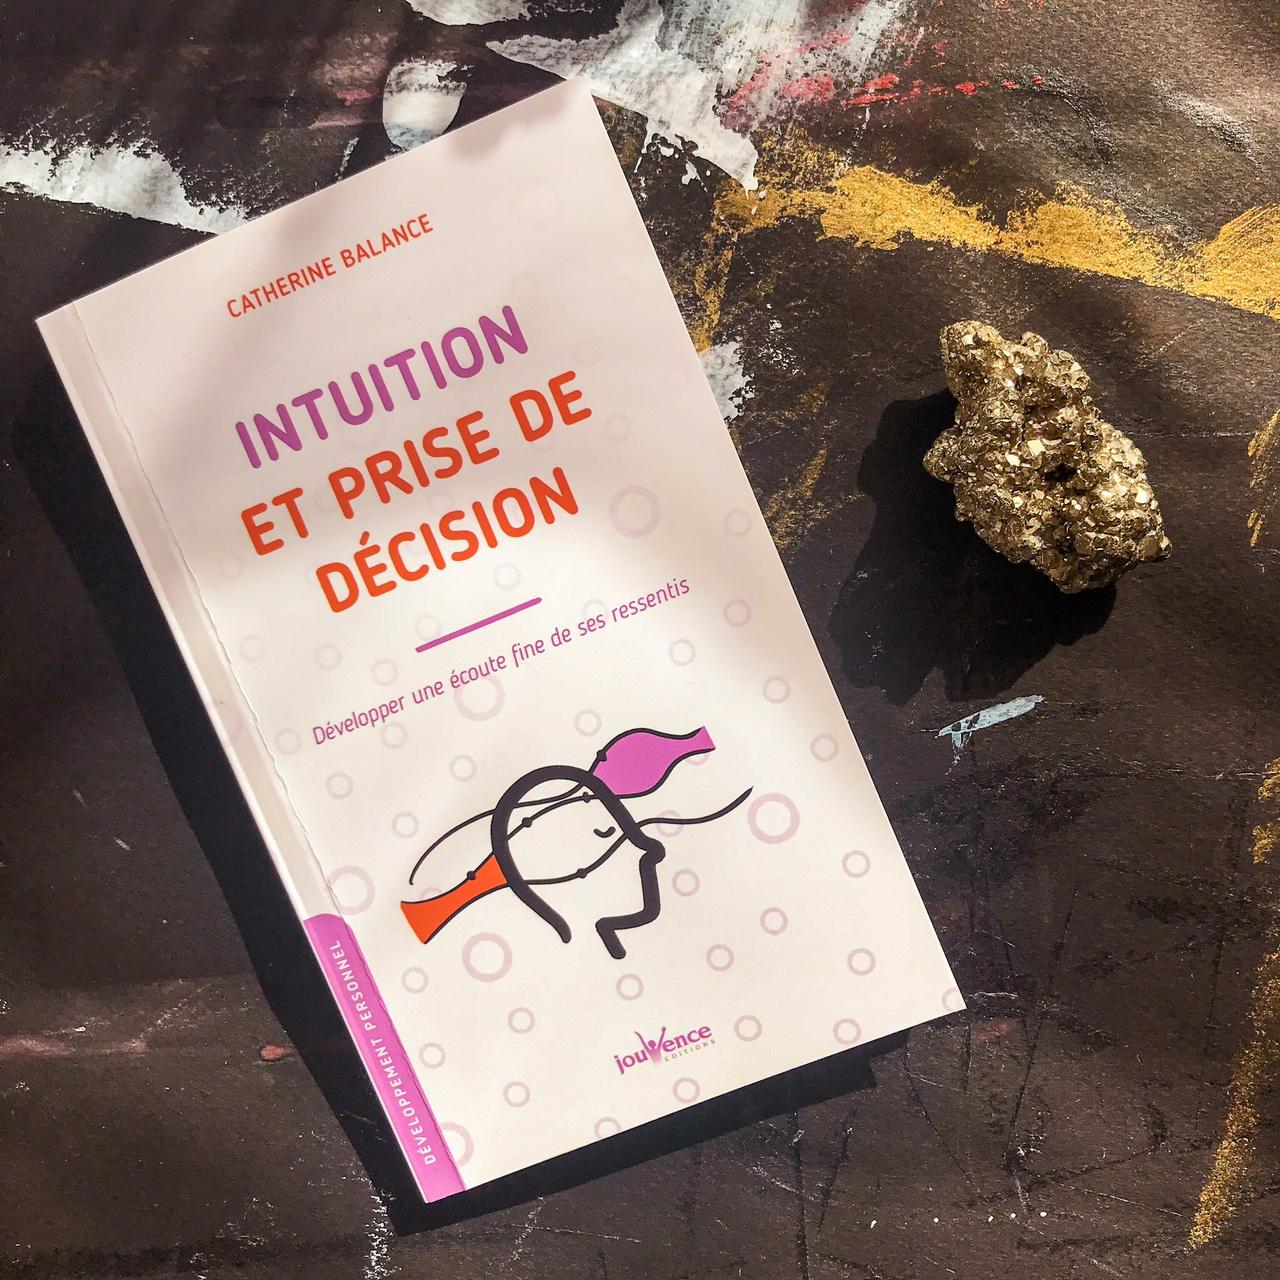 Intuition et prise de décision, de Catherine Balance : développer une écoute fine de ses ressentis